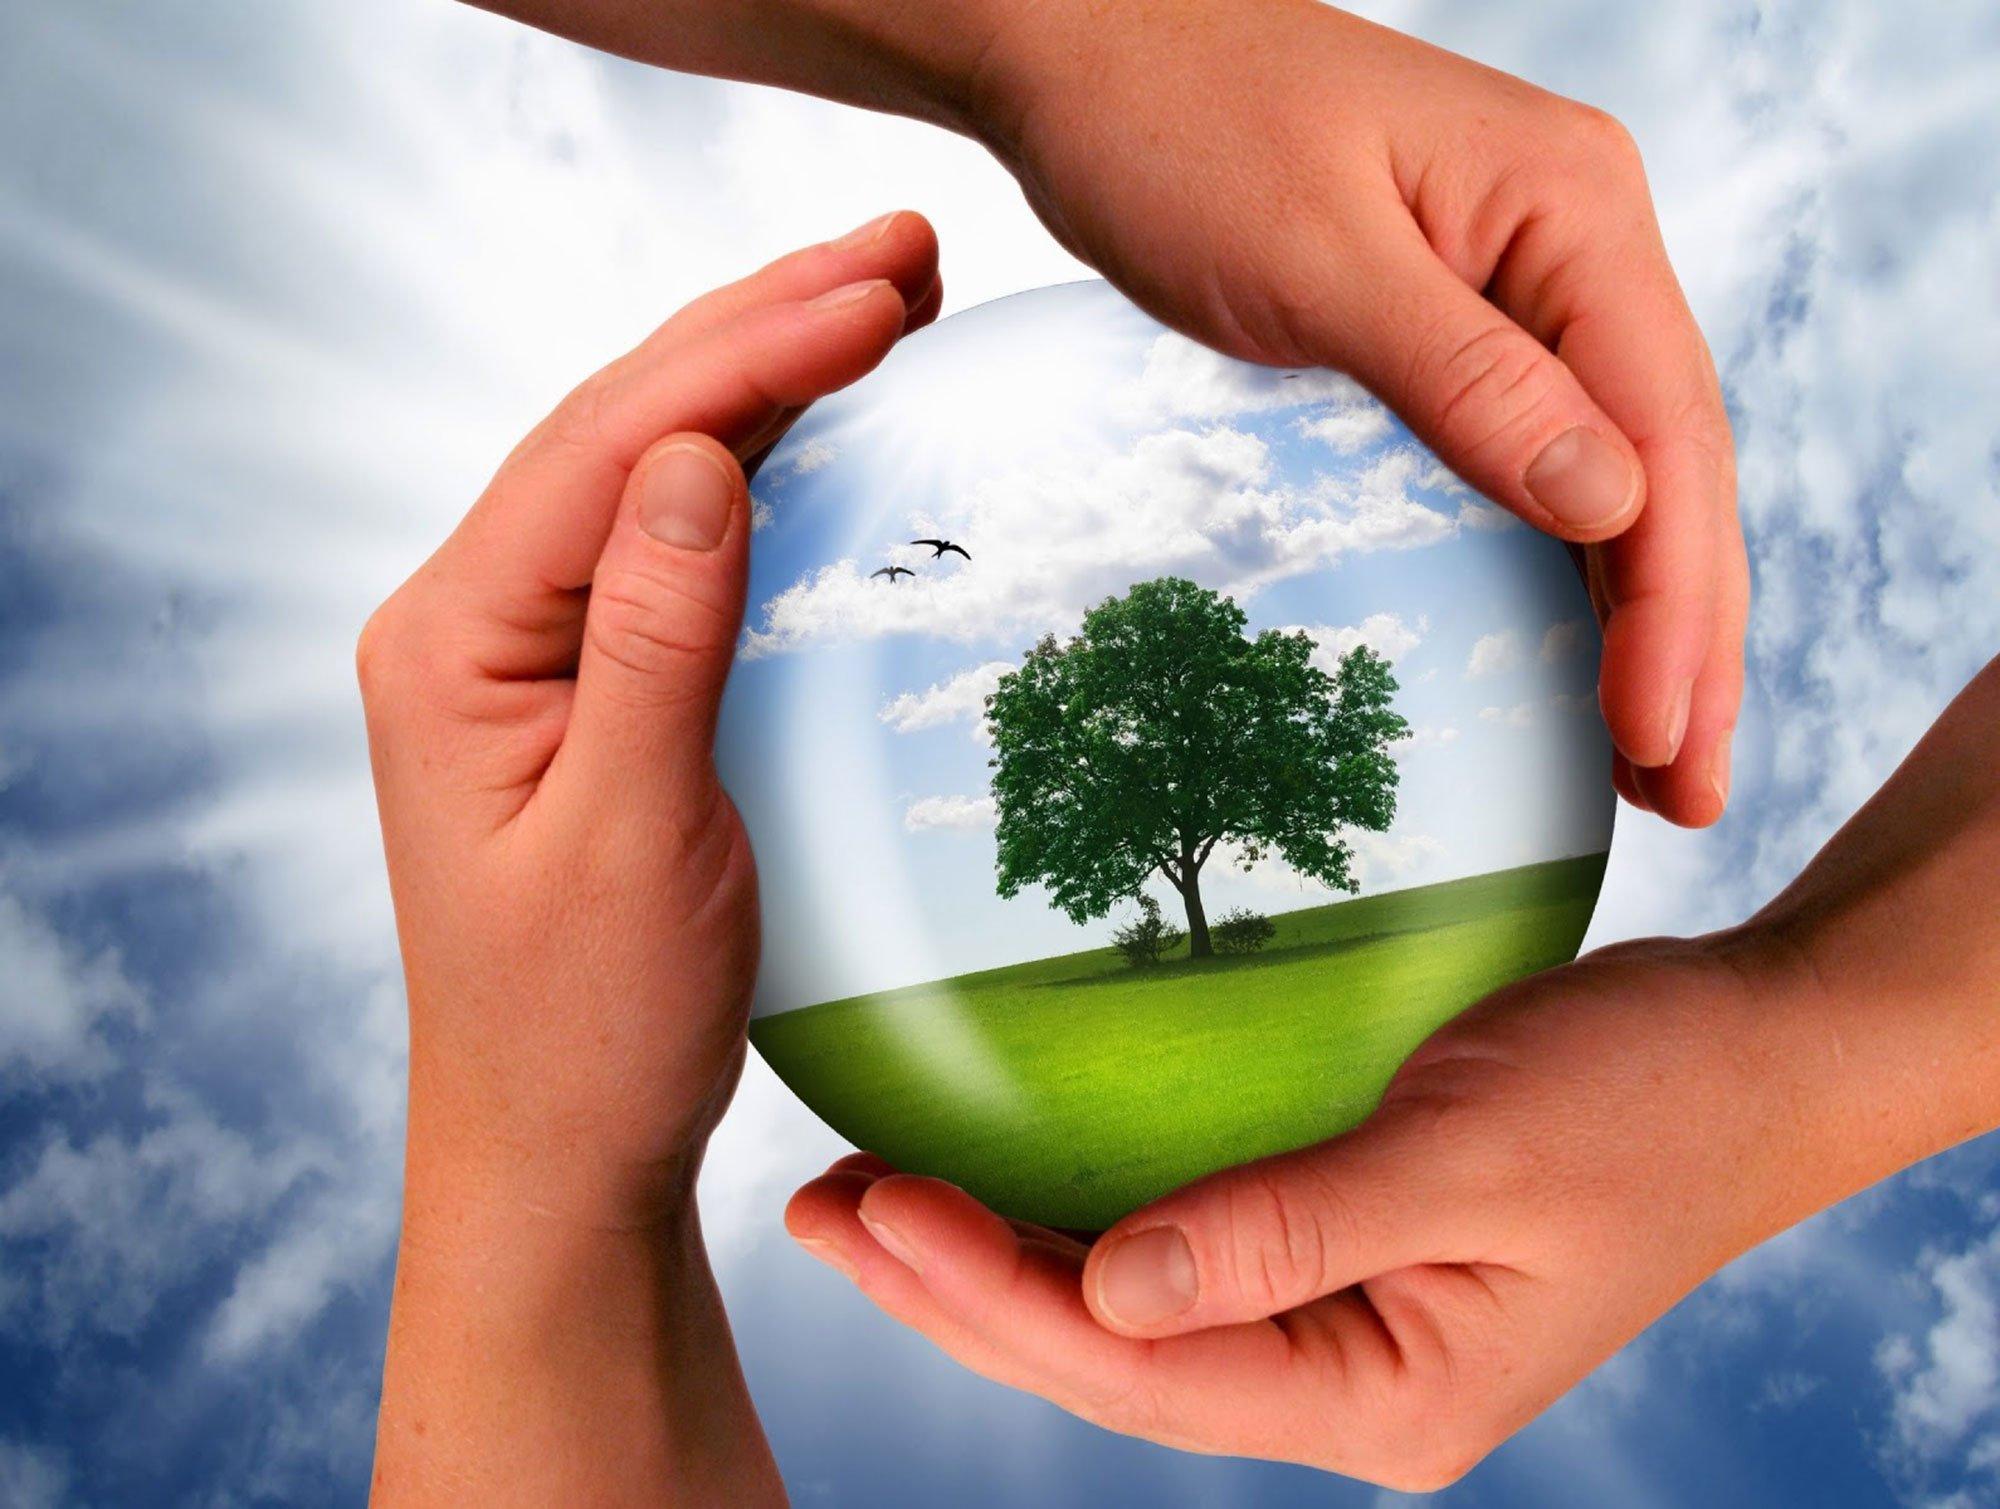 Картинки о экологии природы и мы, удачи счастья картинки